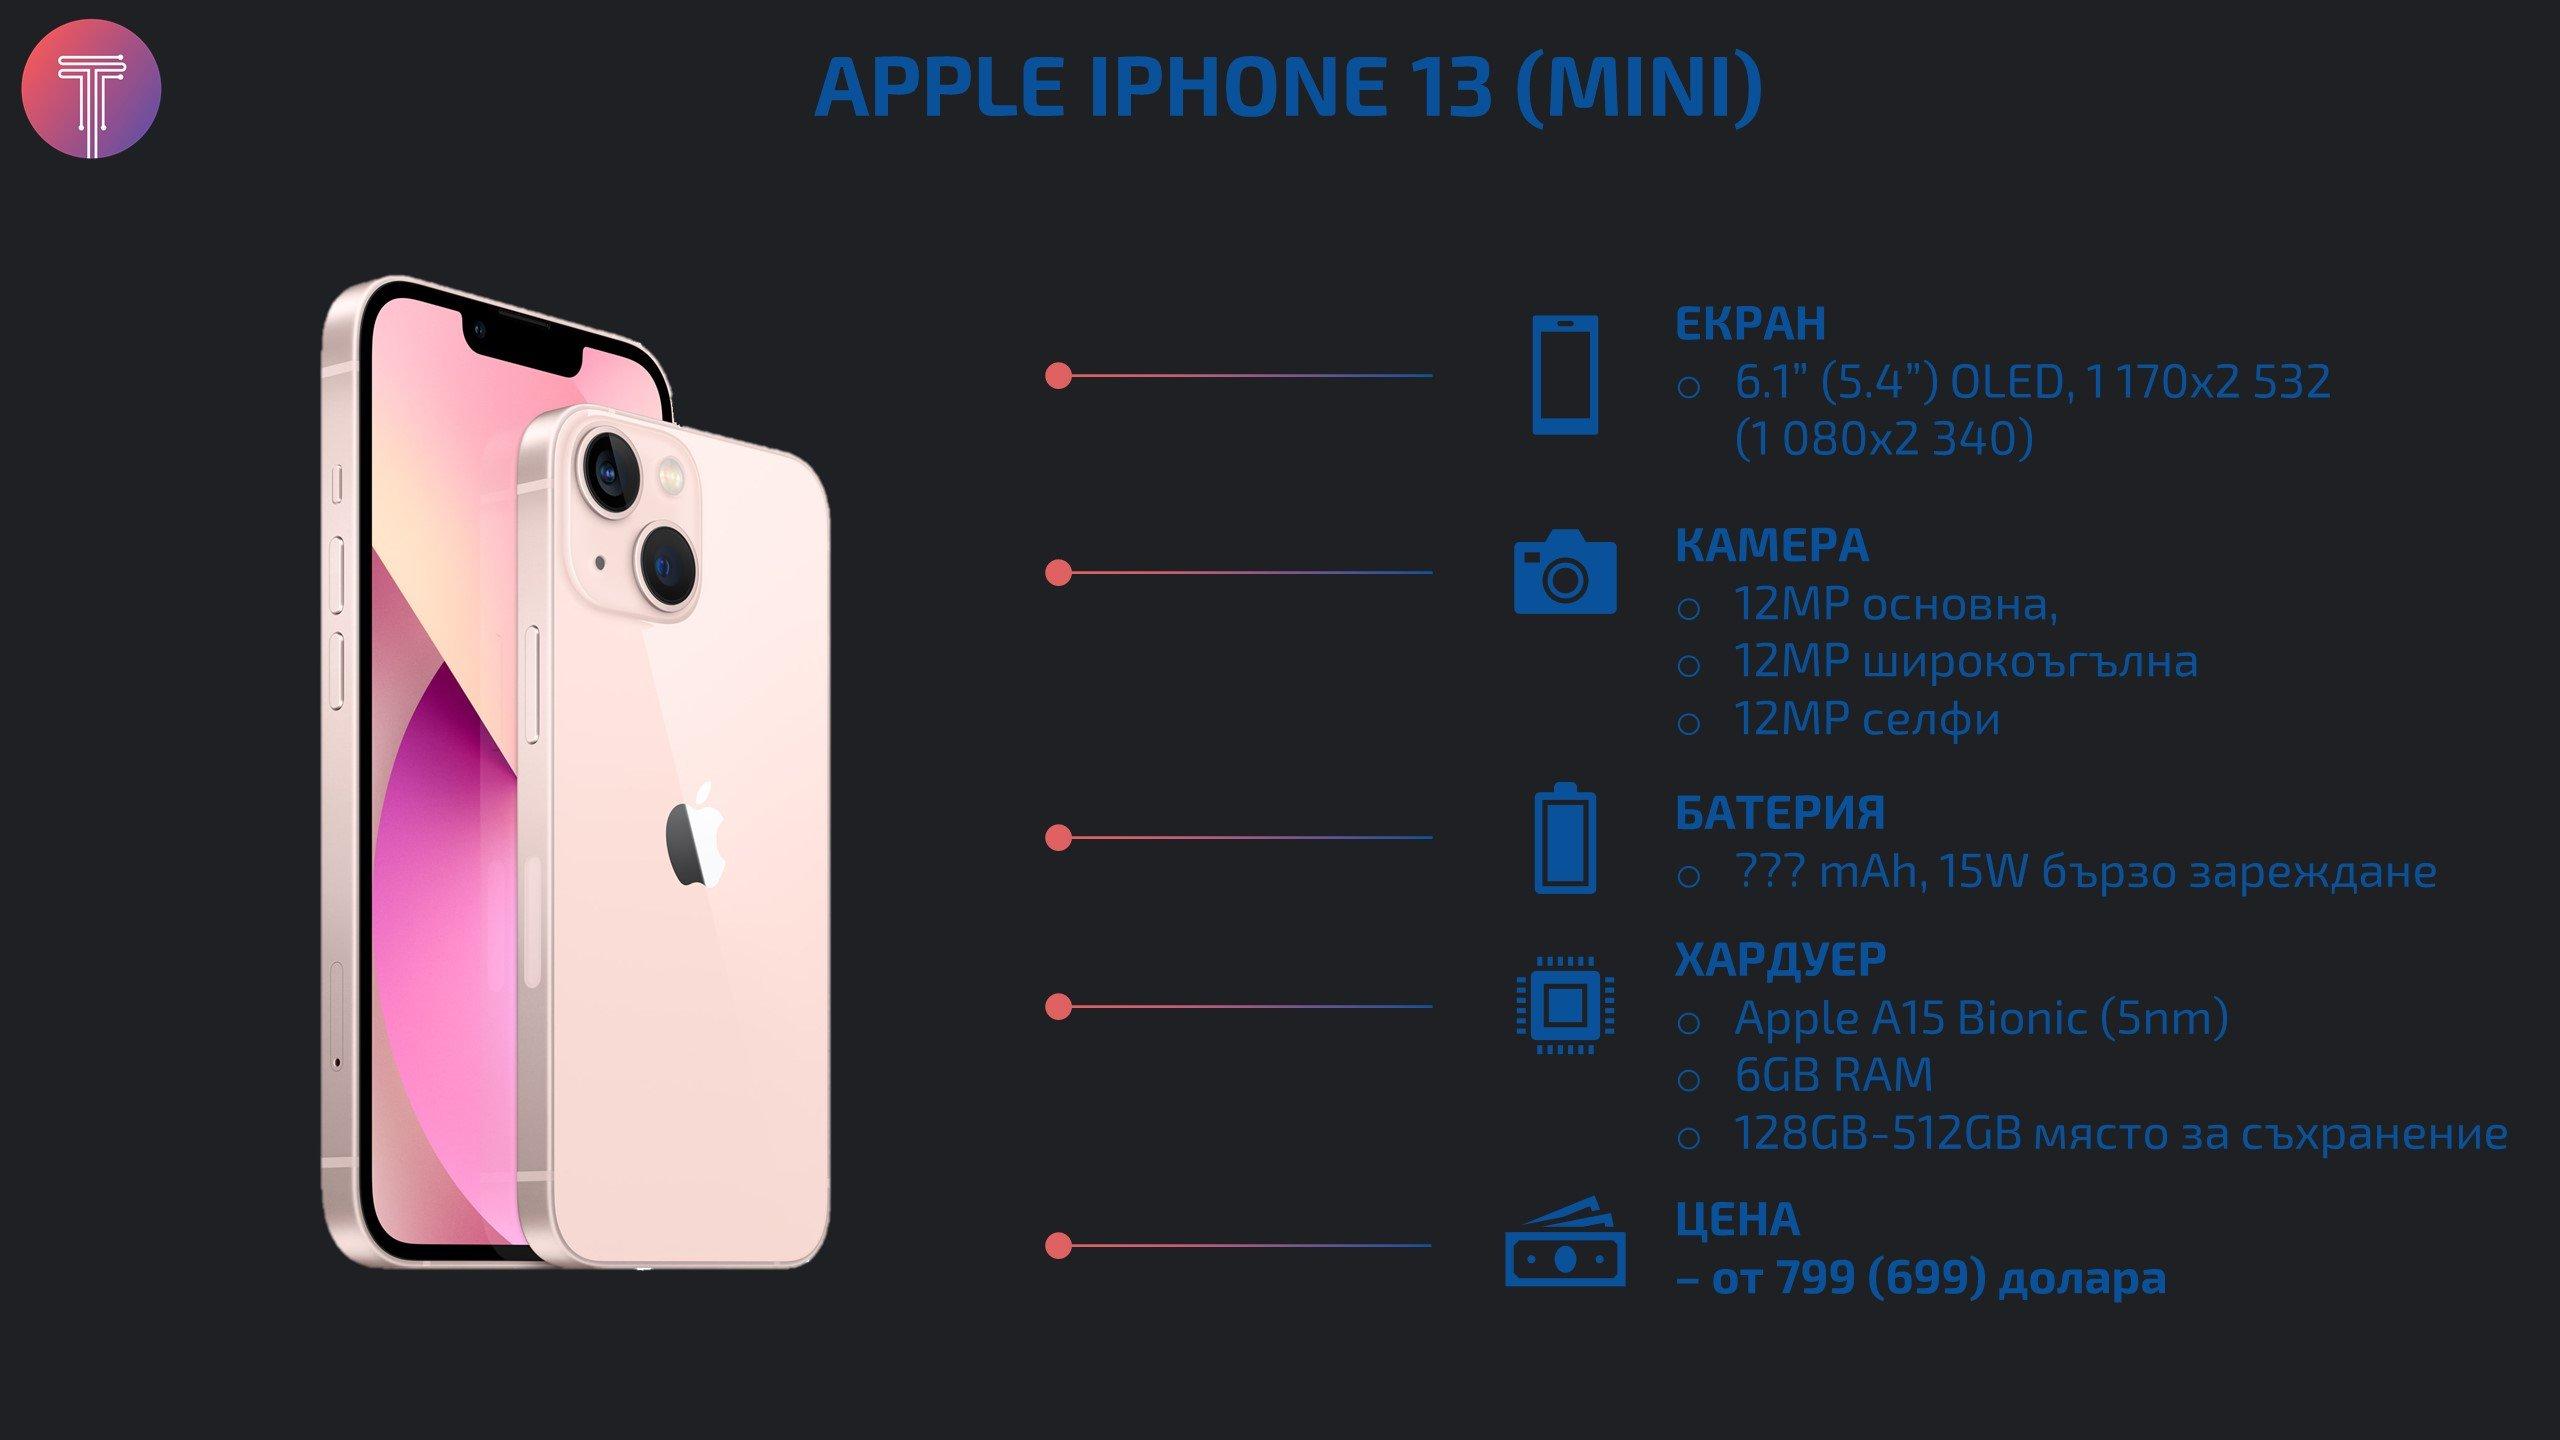 iphone-13-mini-specs